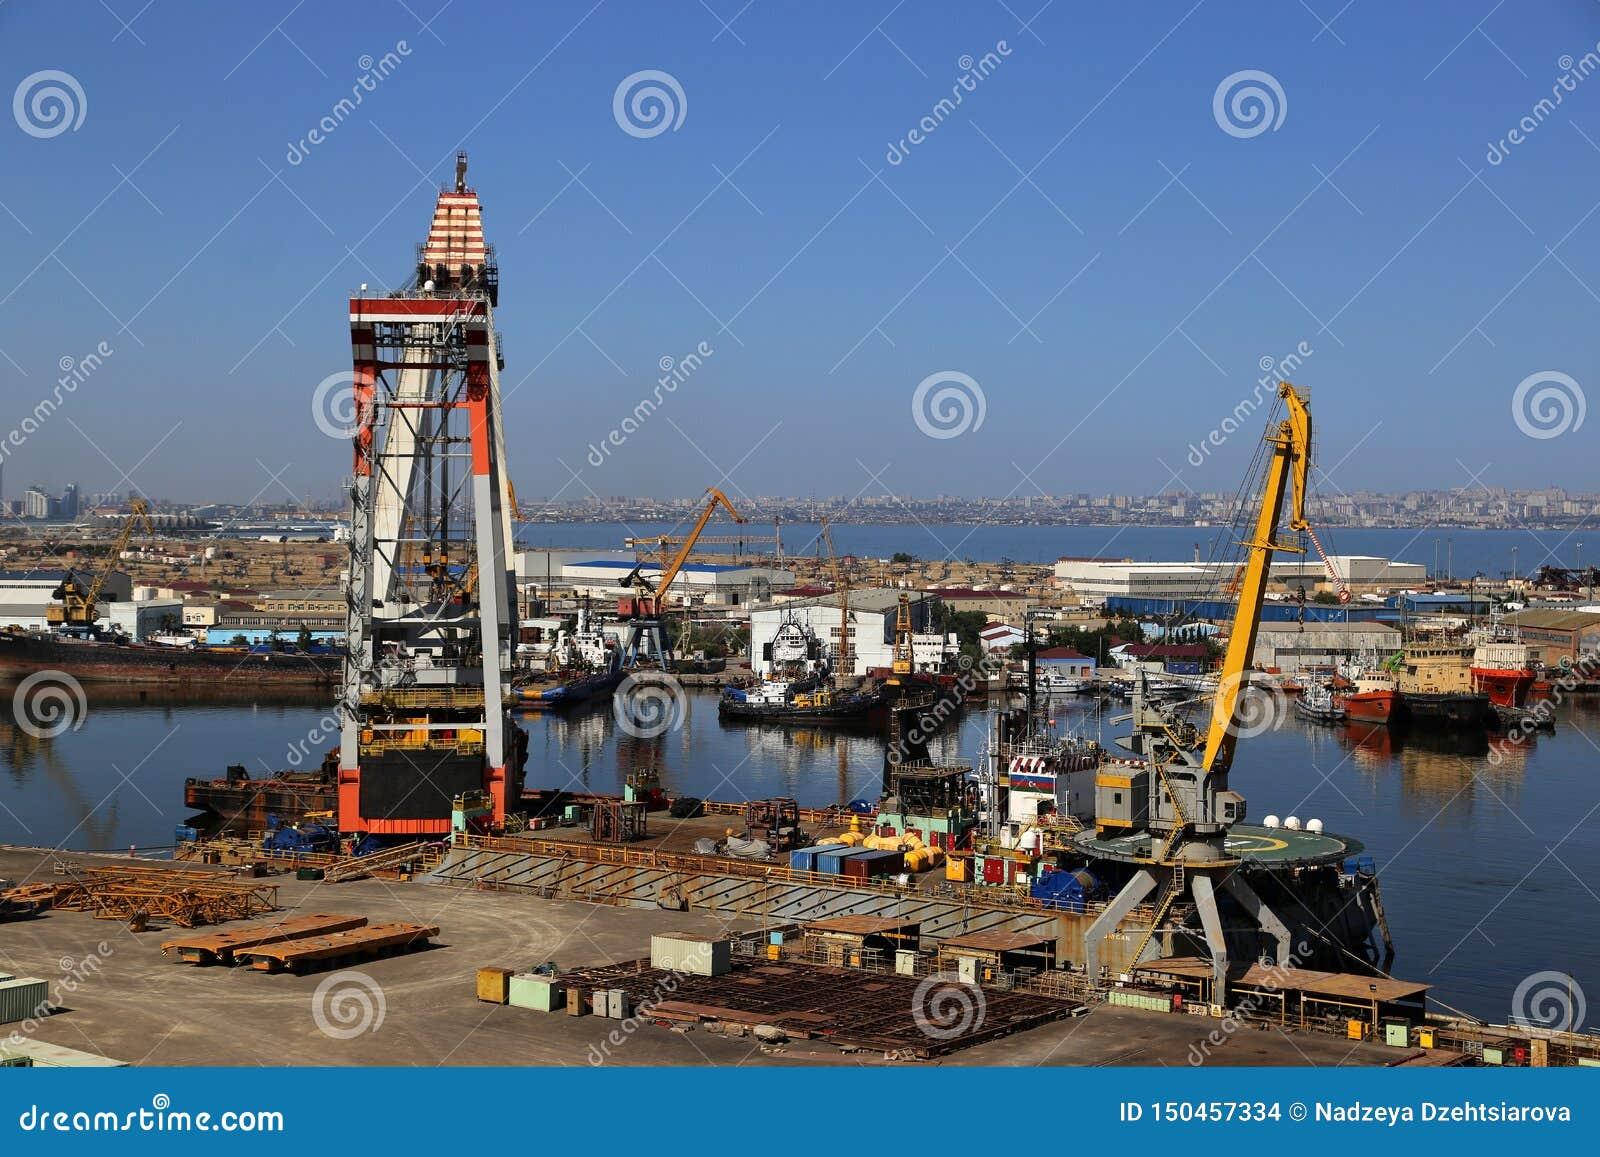 Ideia da jarda de reparo do porto e de navio